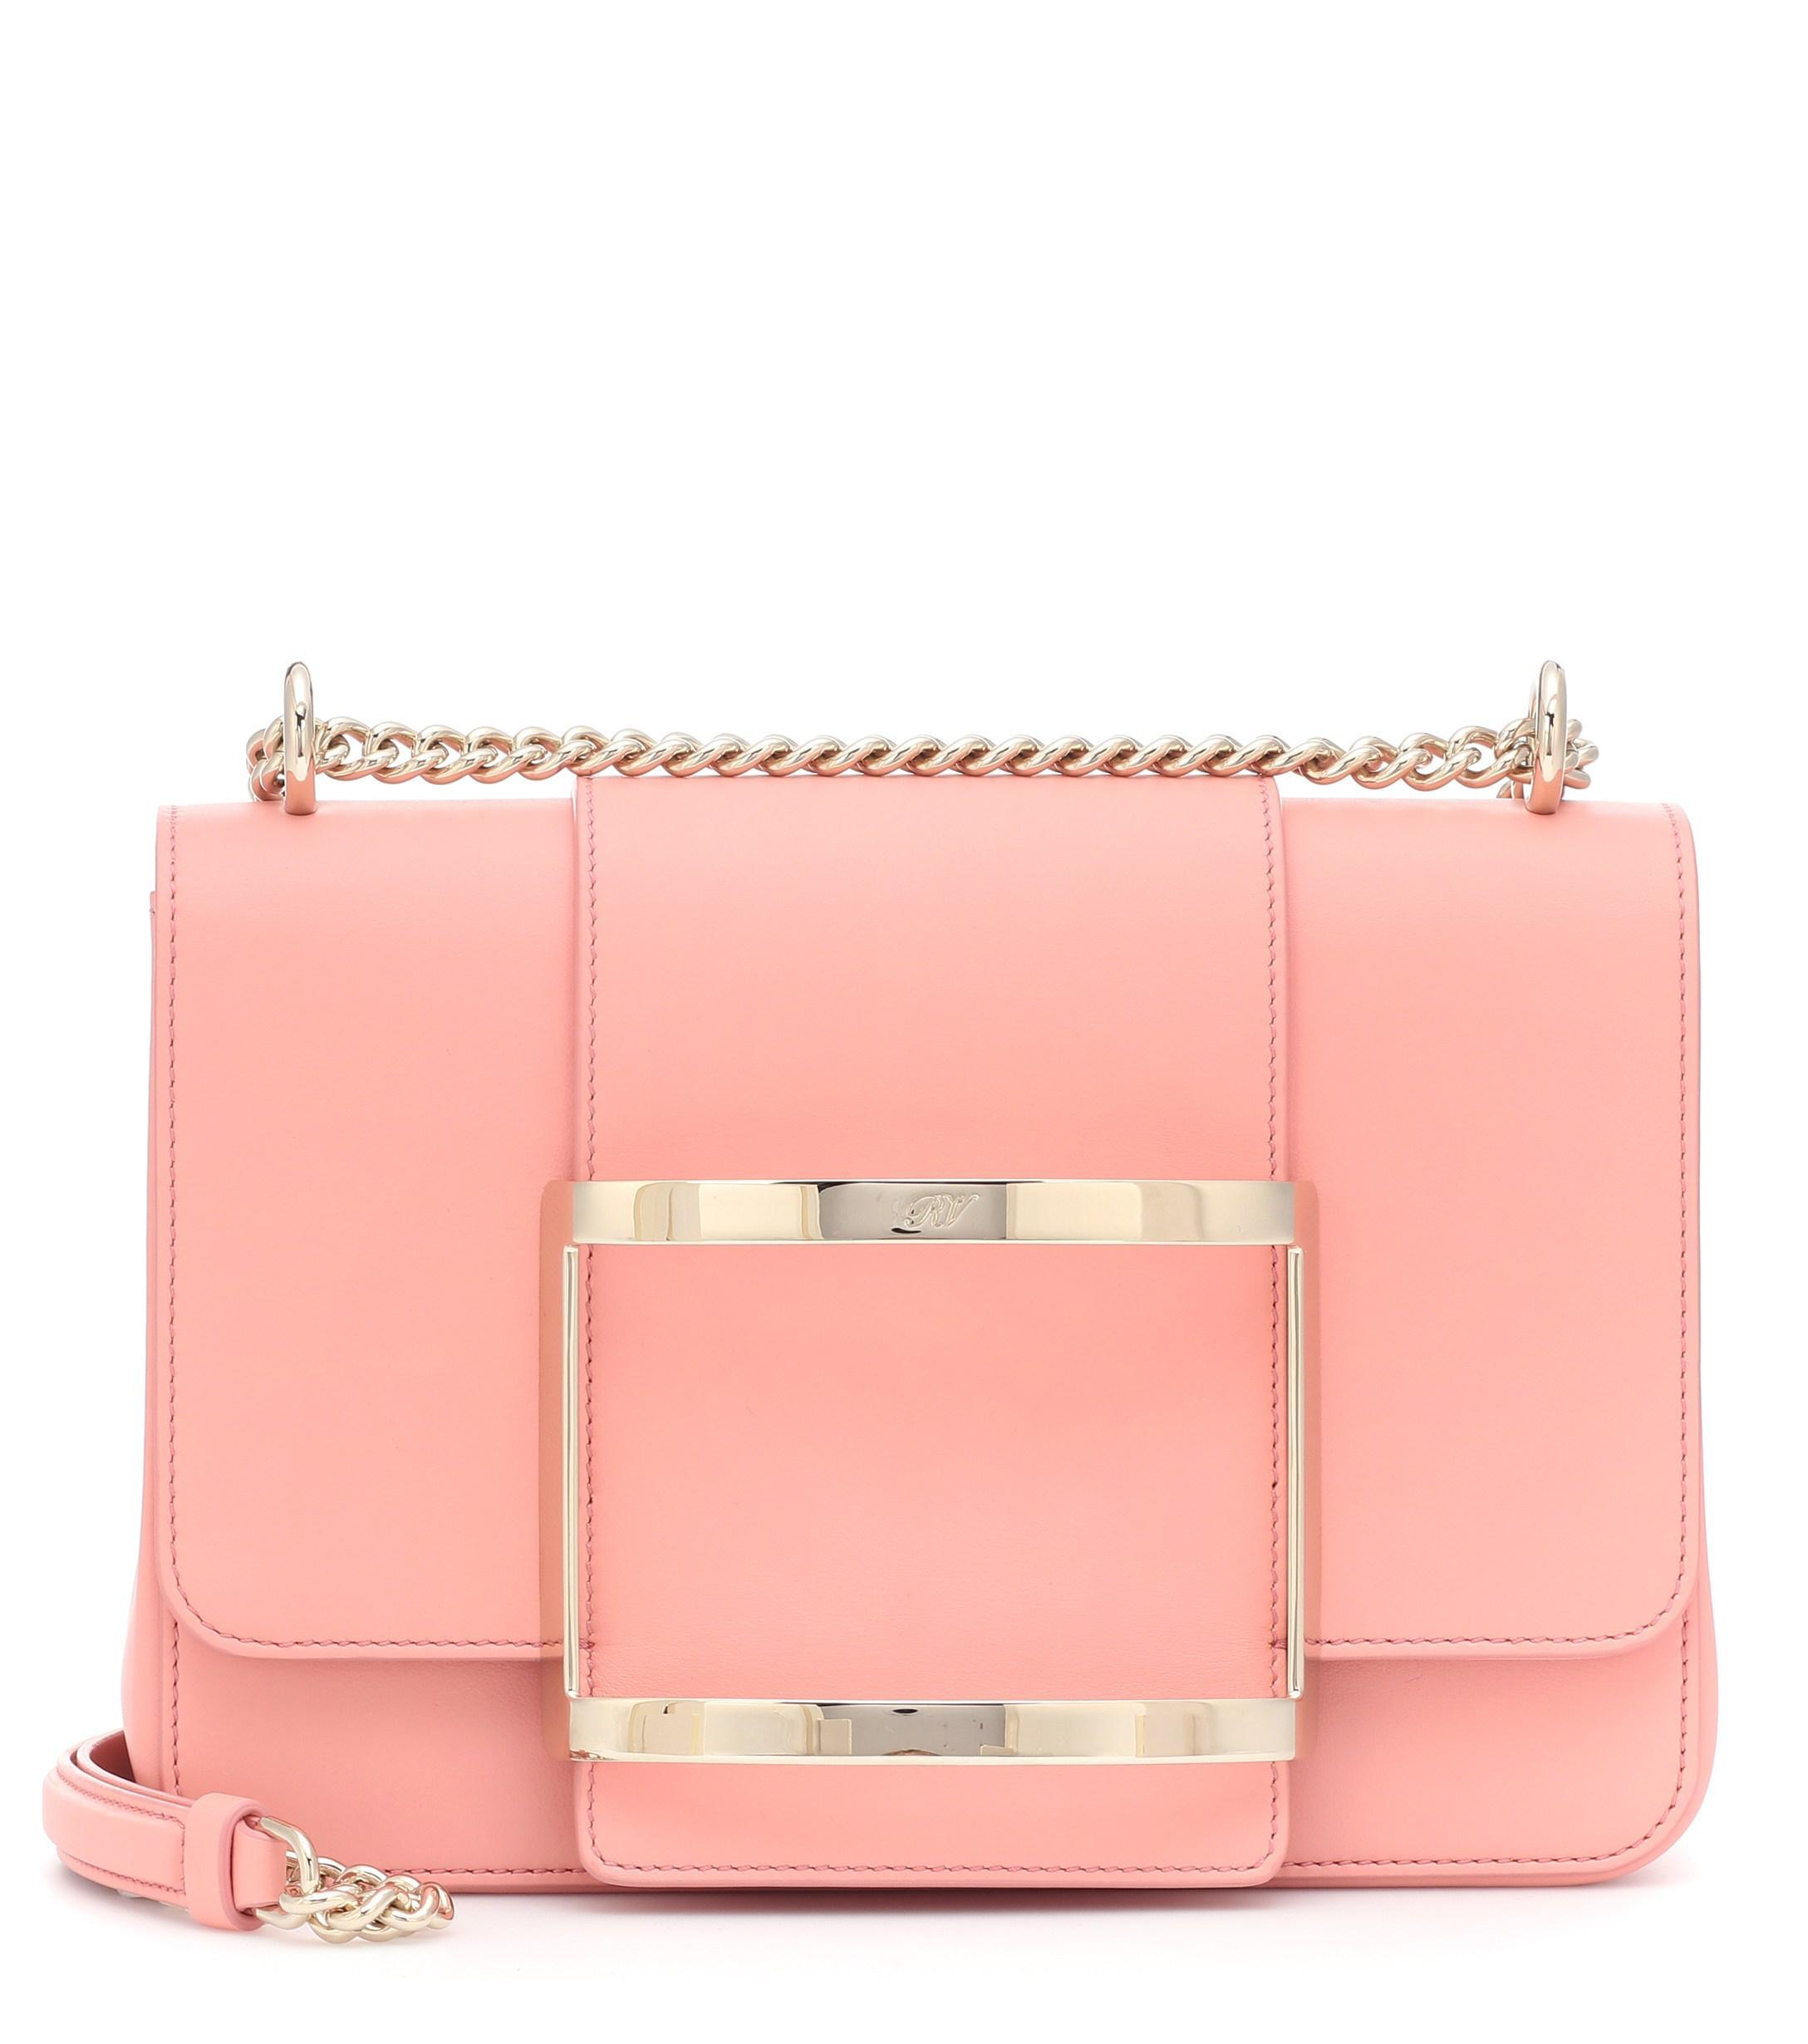 Lyst - Roger Vivier Très Vivier Small Shoulder Bag in Pink cd573829a31dd